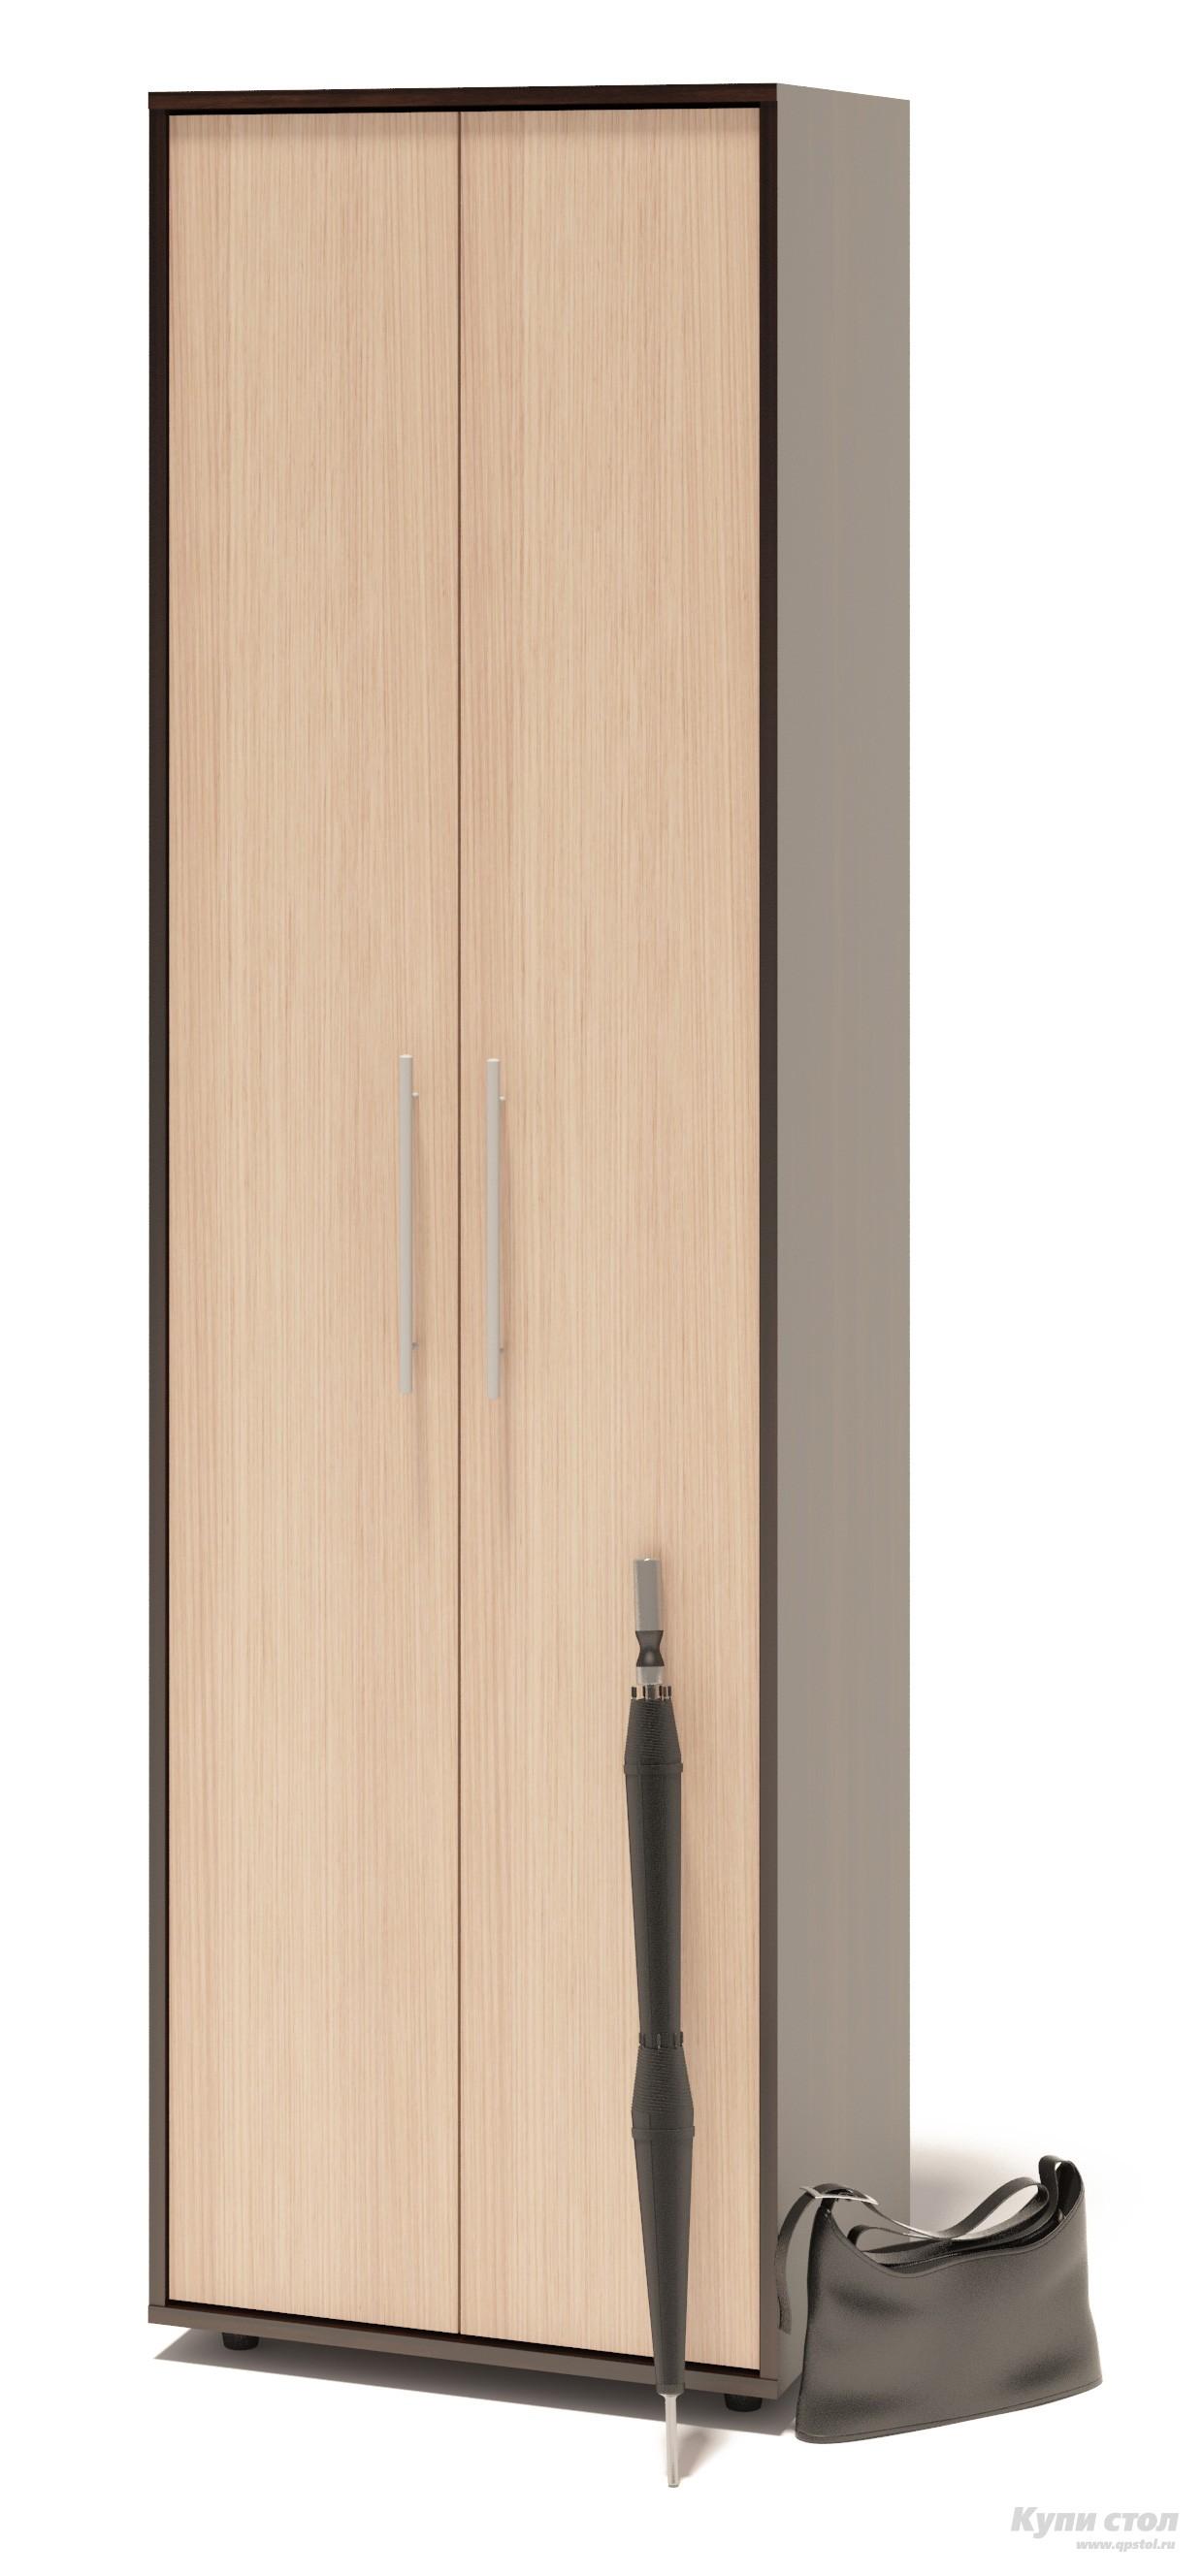 Шкаф распашной Сокол ШО-1 Корпус Венге / Фасад Беленый дубШкафы распашные<br>Габаритные размеры ВхШхГ 2087x600x429 мм. Шкаф для одежды, шириной 600 мм.  Шкаф оборудован двустворчатыми дверями.  Внутри шкафа расположены две полки и выдвижная вешалка.  Изделие поставляется в разобранном виде.  Хорошо упаковано в гофротару вместе с необходимой фурнитурой для сборки и подробной инструкцией.   Изготовлена из высококачественной ЛДСП 16мм  Отделывается кромкой ПВХ 0. 4мм Рекомендуем сохранить инструкцию по сборке (паспорт изделия) до истечения гарантийного срока.<br><br>Цвет: Корпус Венге / Фасад Беленый дуб<br>Цвет: Темное-cветлое дерево<br>Высота мм: 2087<br>Ширина мм: 600<br>Глубина мм: 429<br>Кол-во упаковок: 1<br>Форма поставки: В разобранном виде<br>Срок гарантии: 2 года